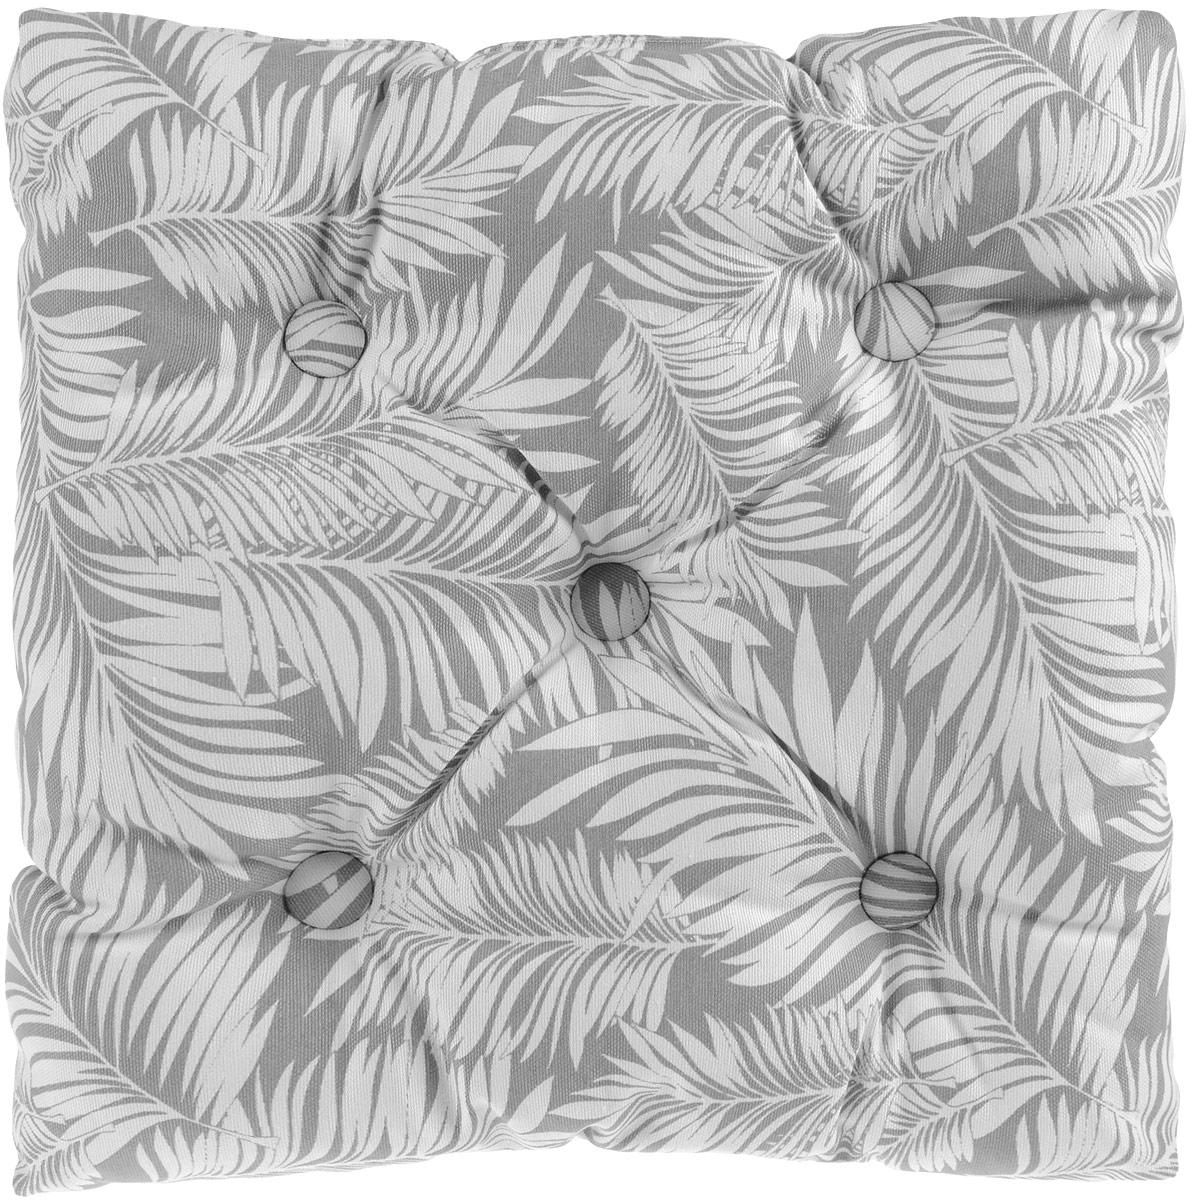 Подушка на стул KauffOrt Пальма, цвет: серый, 40 x 40 см02334-СК-ГБ-003Подушка на стул KauffOrt Пальма не только красиво дополнит интерьер кухни, но и обеспечит комфорт при сидении. Чехол выполнен из хлопка и полиэстера, а наполнитель из холлофайбера. Подушка легко крепится на стул с помощью завязок. Правильно сидеть - значит сохранить здоровье на долгие годы. Жесткие сидения подвергают наше здоровье опасности. Подушка с мягким наполнителем поможет предотвратить большинство нежелательных последствий сидячего образа жизни.Толщина подушки: 8 см.